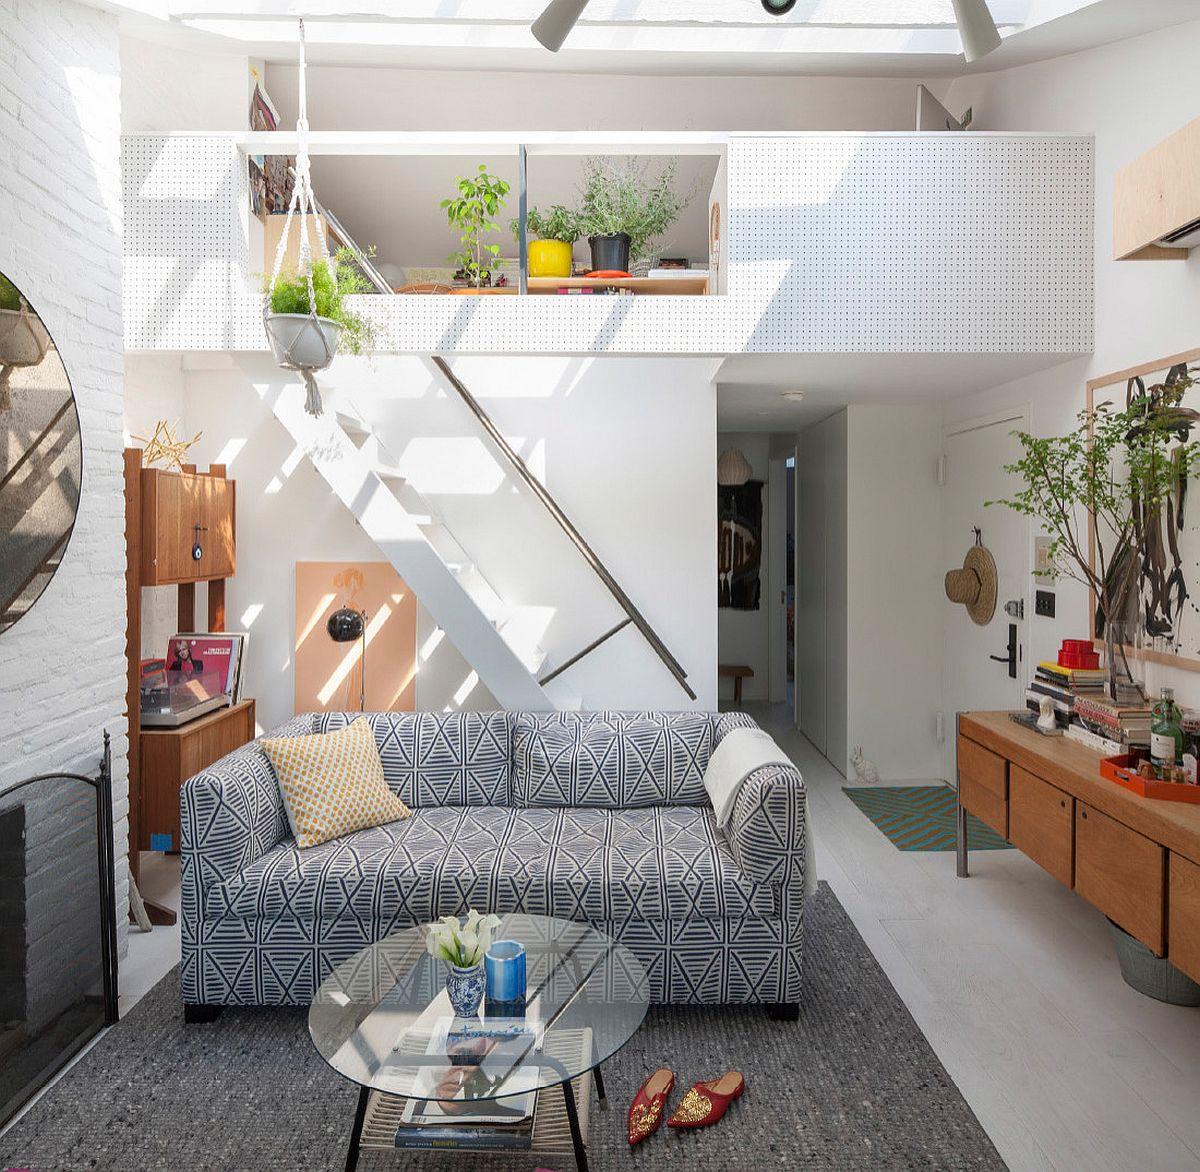 Ánh sáng luôn mang đến sức hút kỳ lạ cho những căn phòng được sắp đặt với họa tiết trẻ trung của sofa